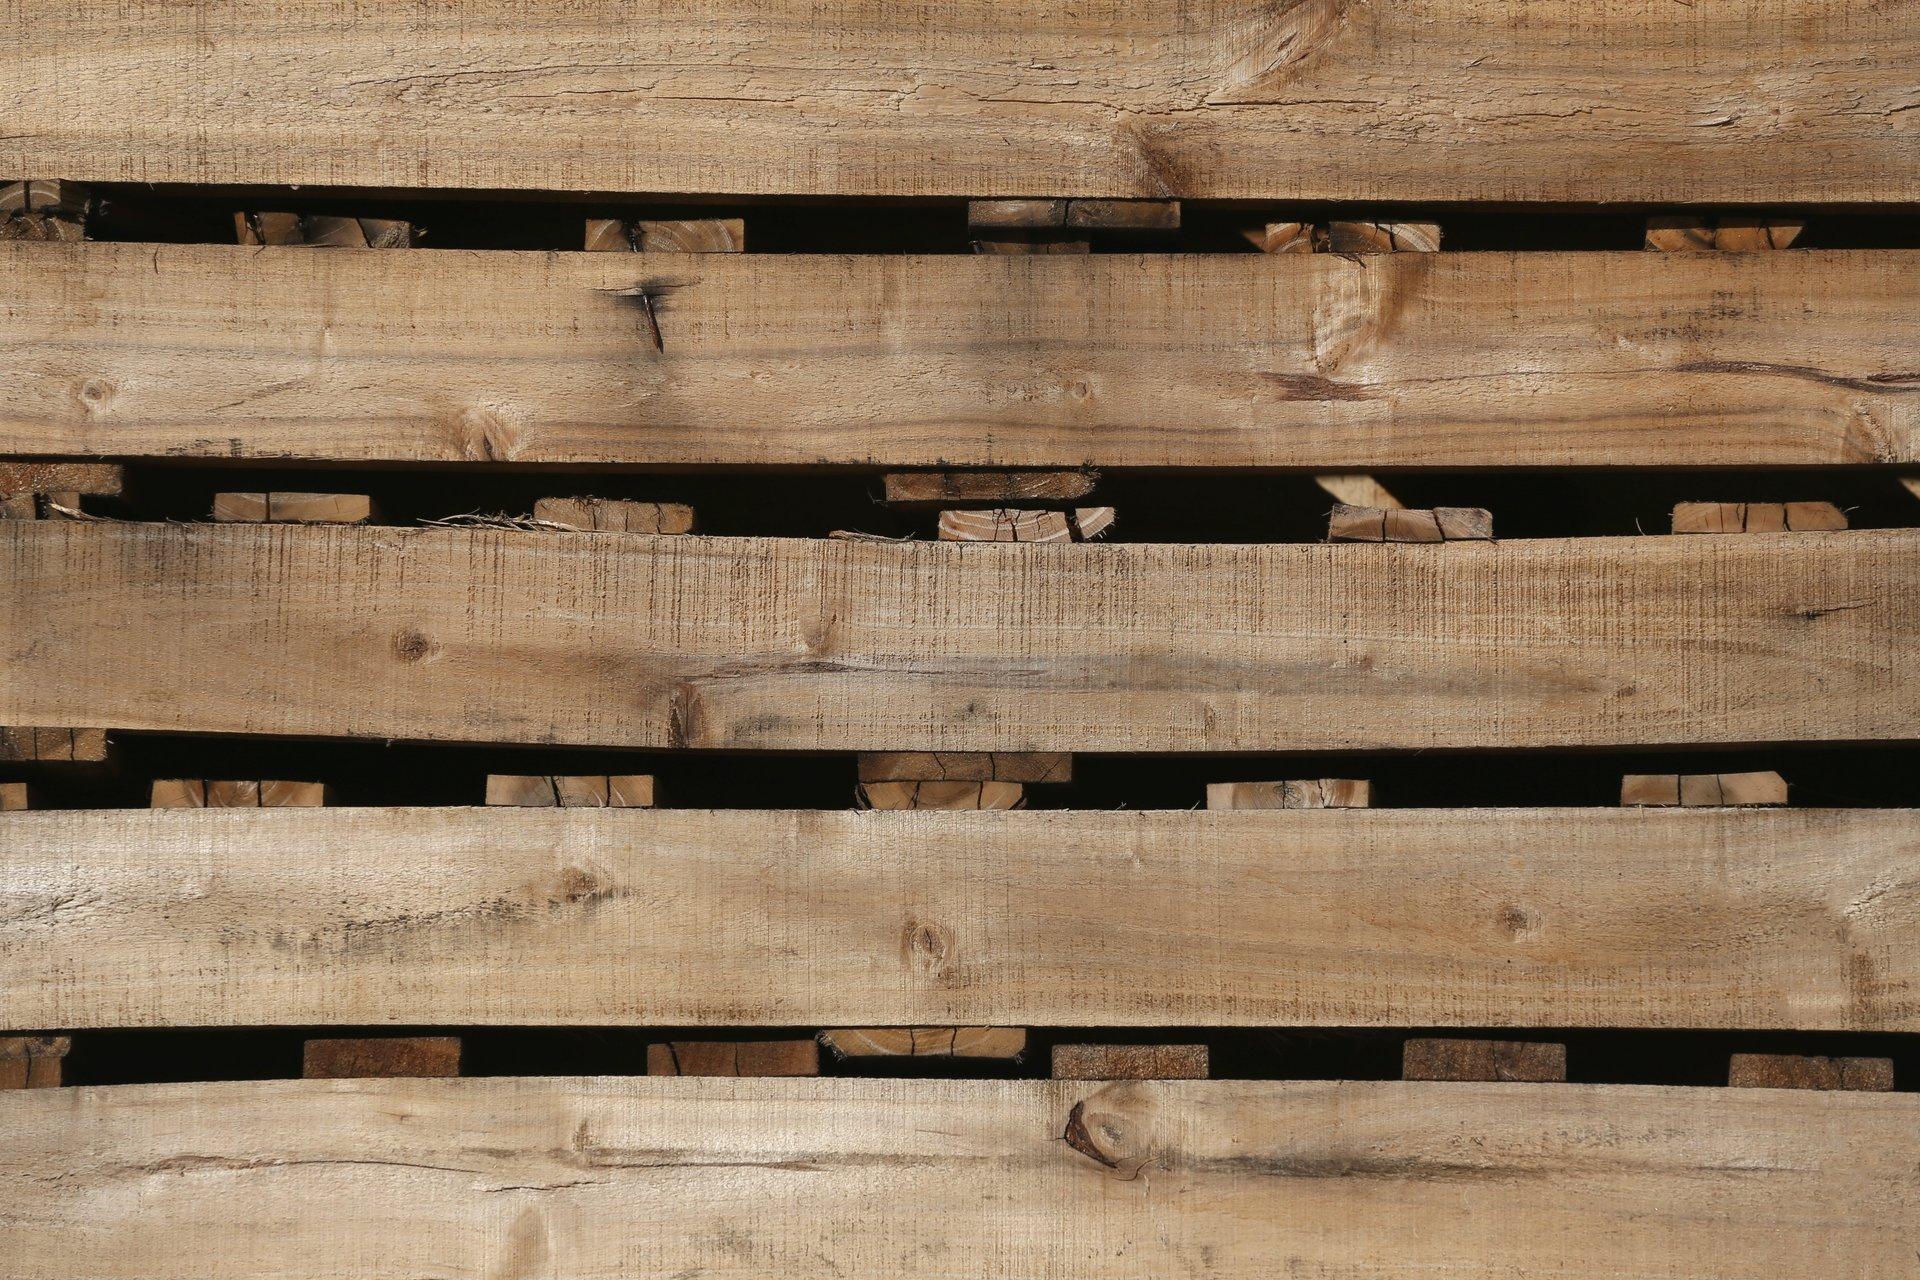 pila di imballaggi industriali in legno